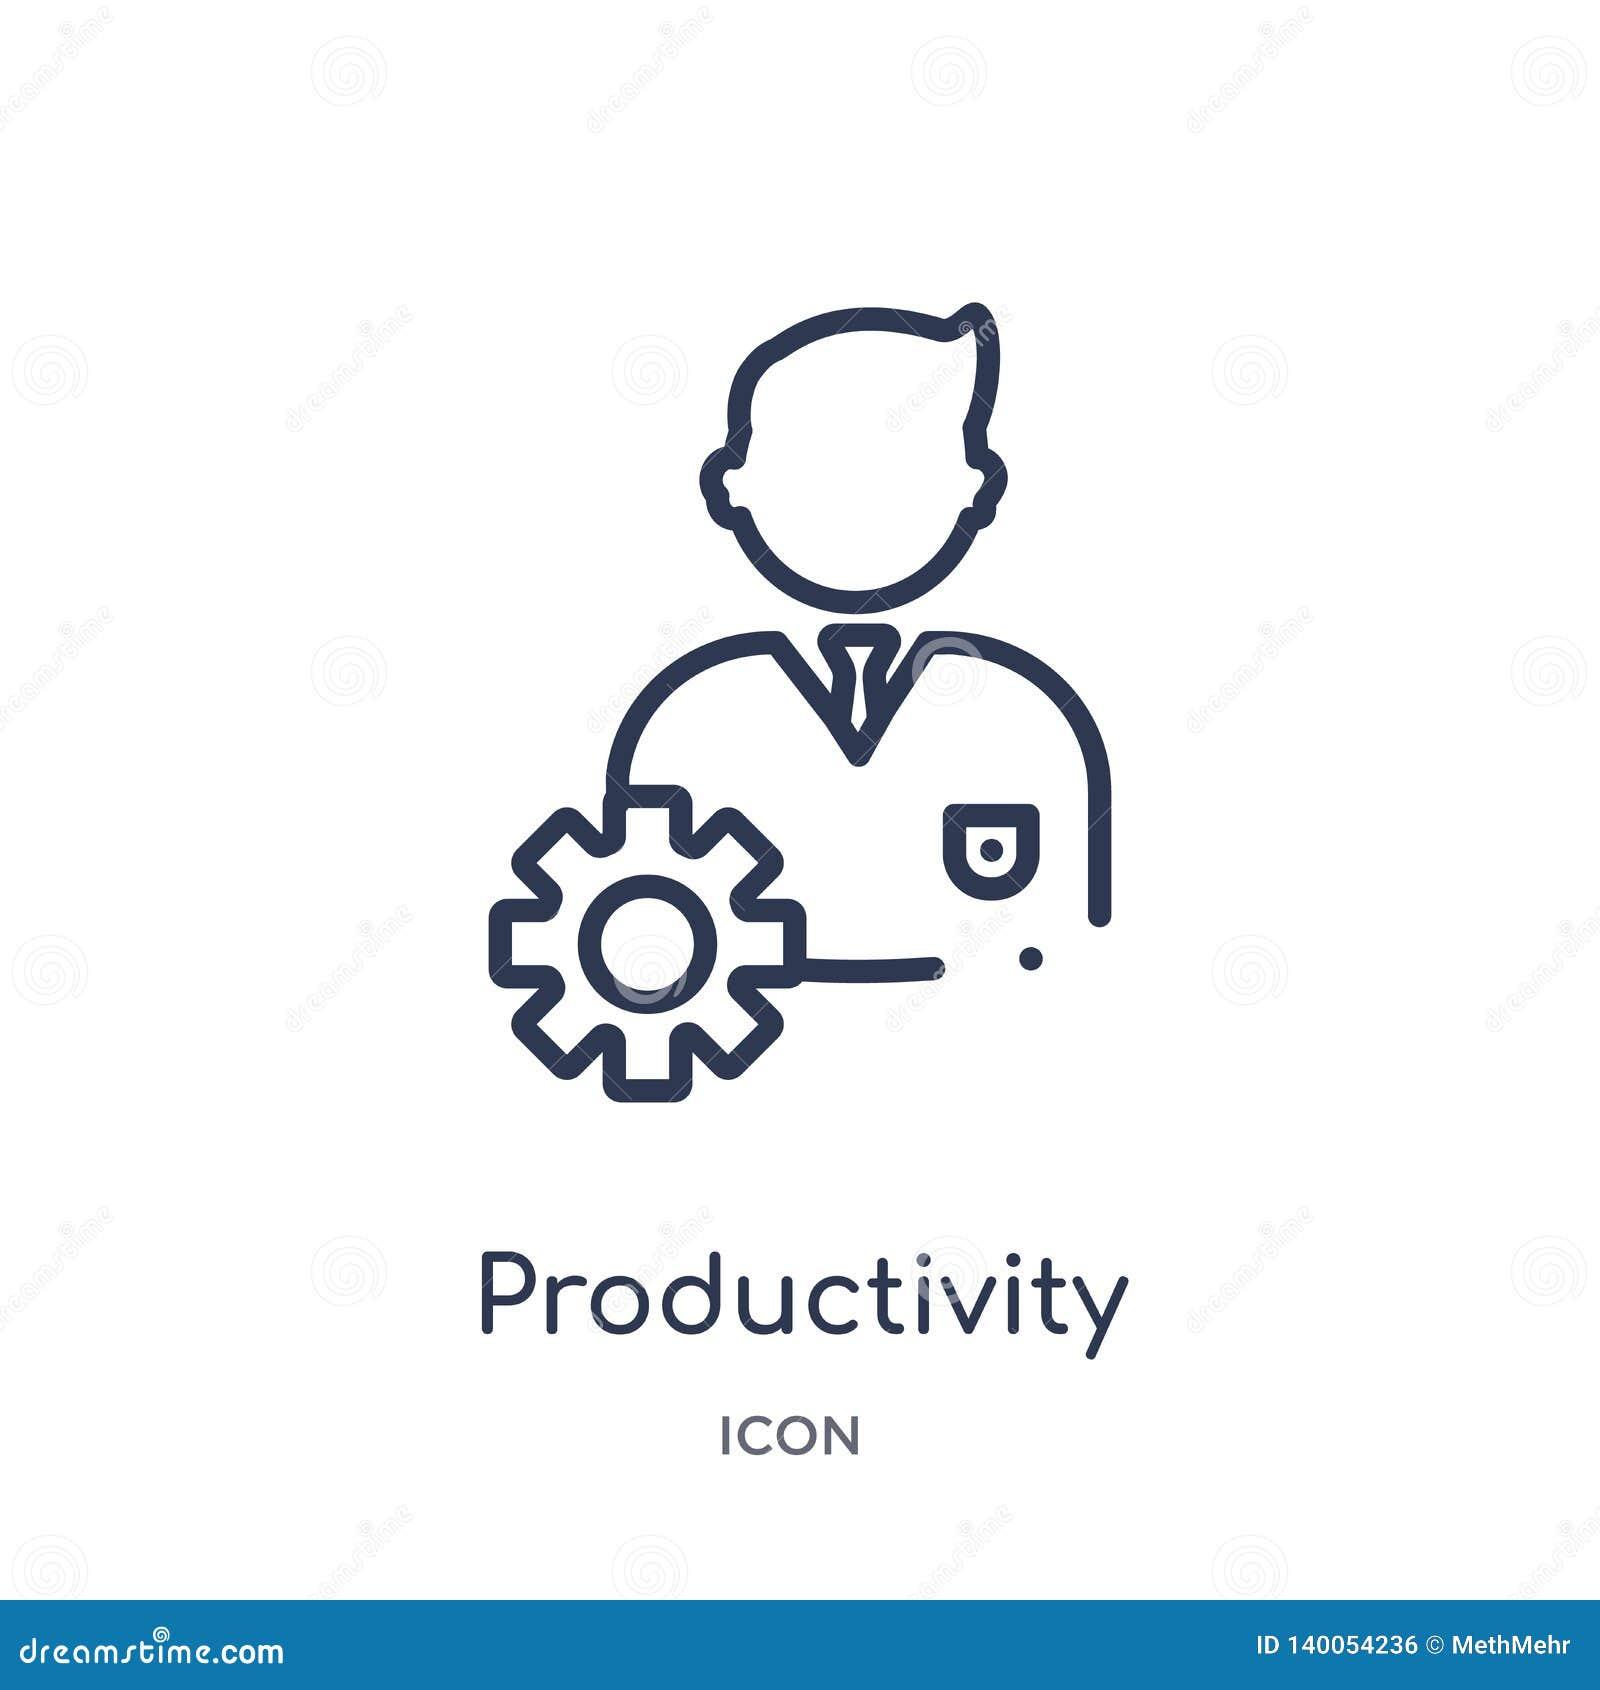 Icona lineare di produttività dalla raccolta del profilo di economia di Digital Linea sottile vettore di produttività isolato su